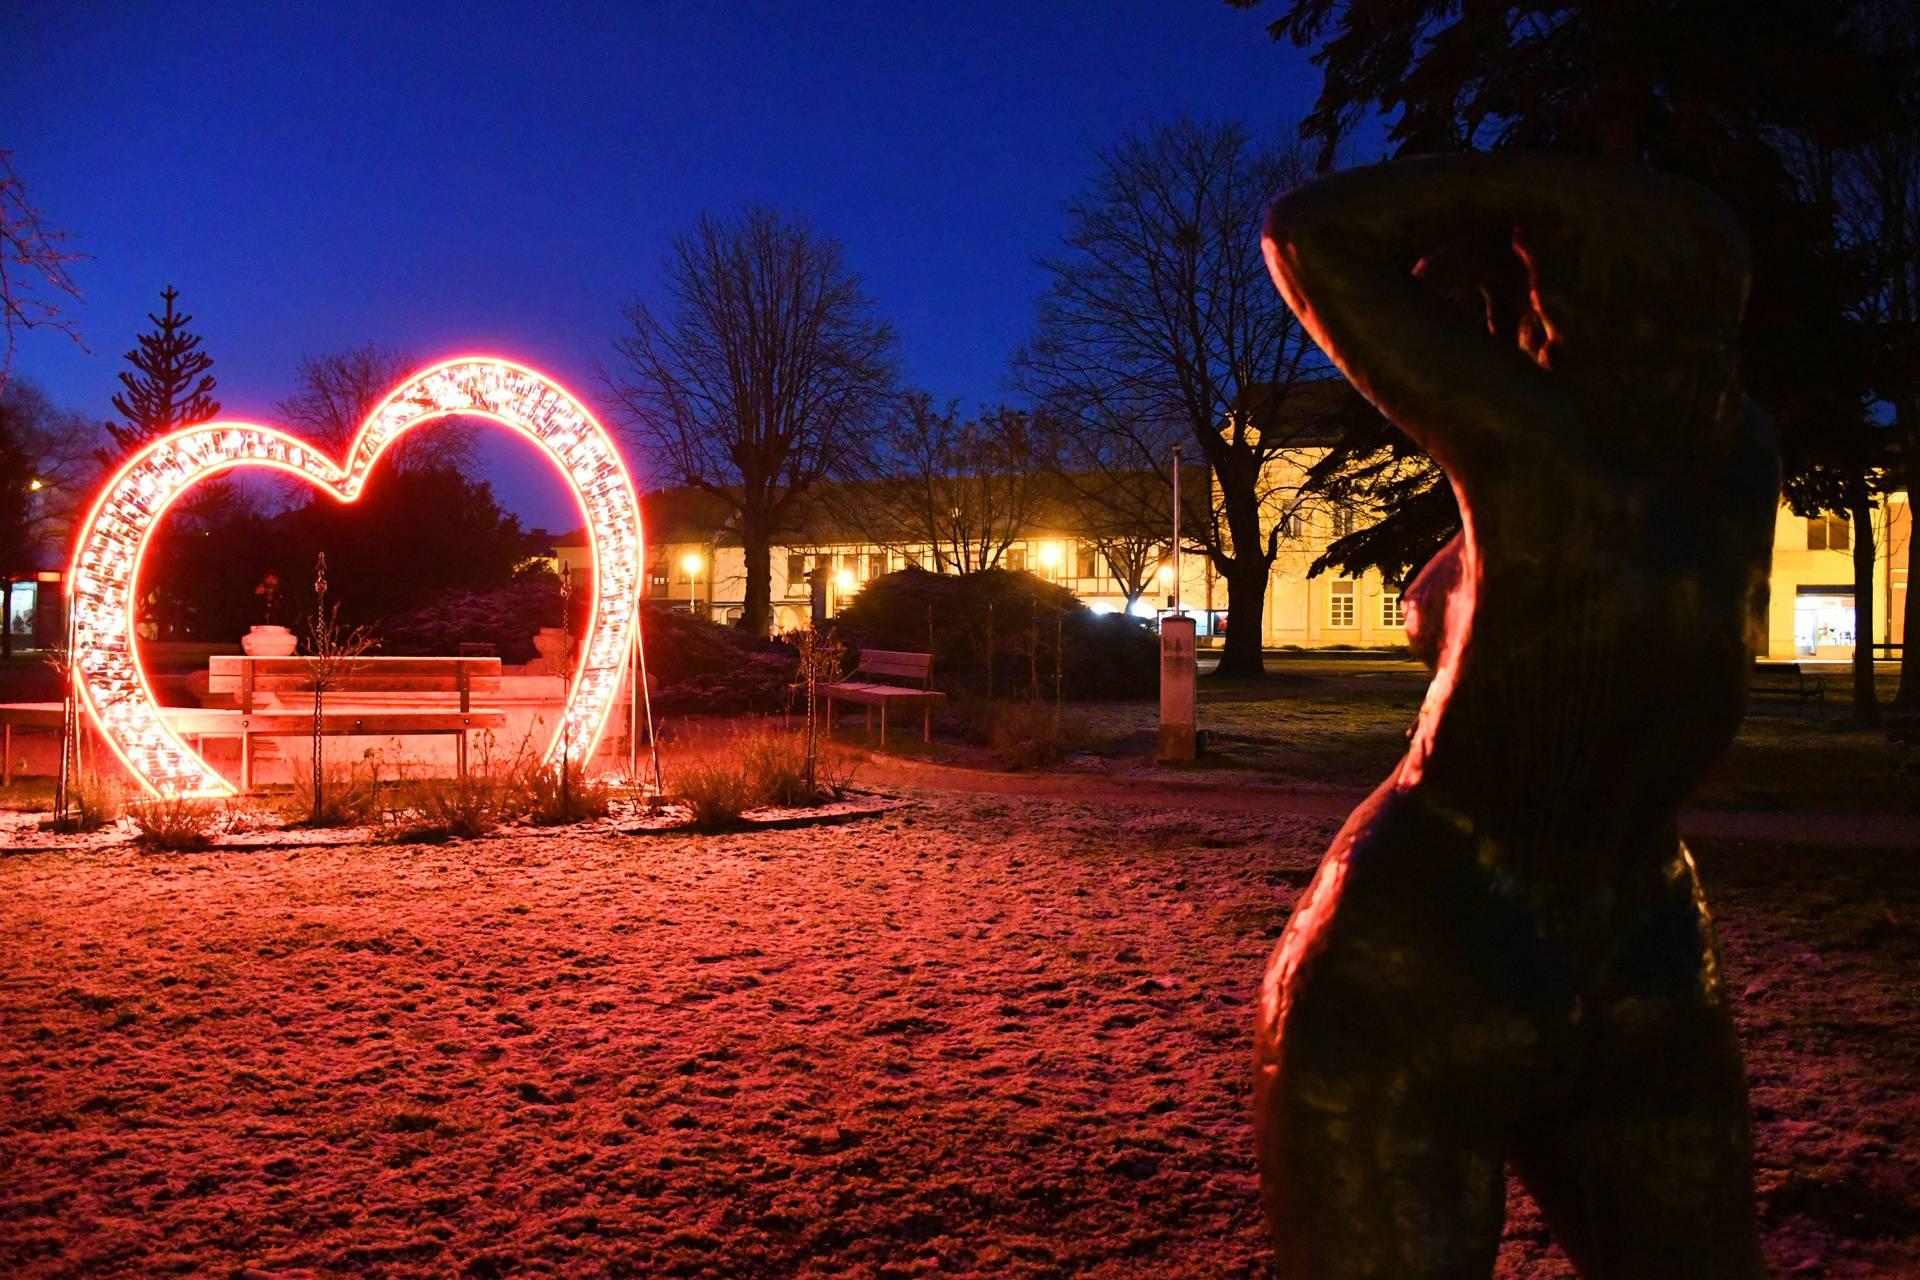 Kako romantično: Koprivnica je sva zasjala u znaku ljubavi...